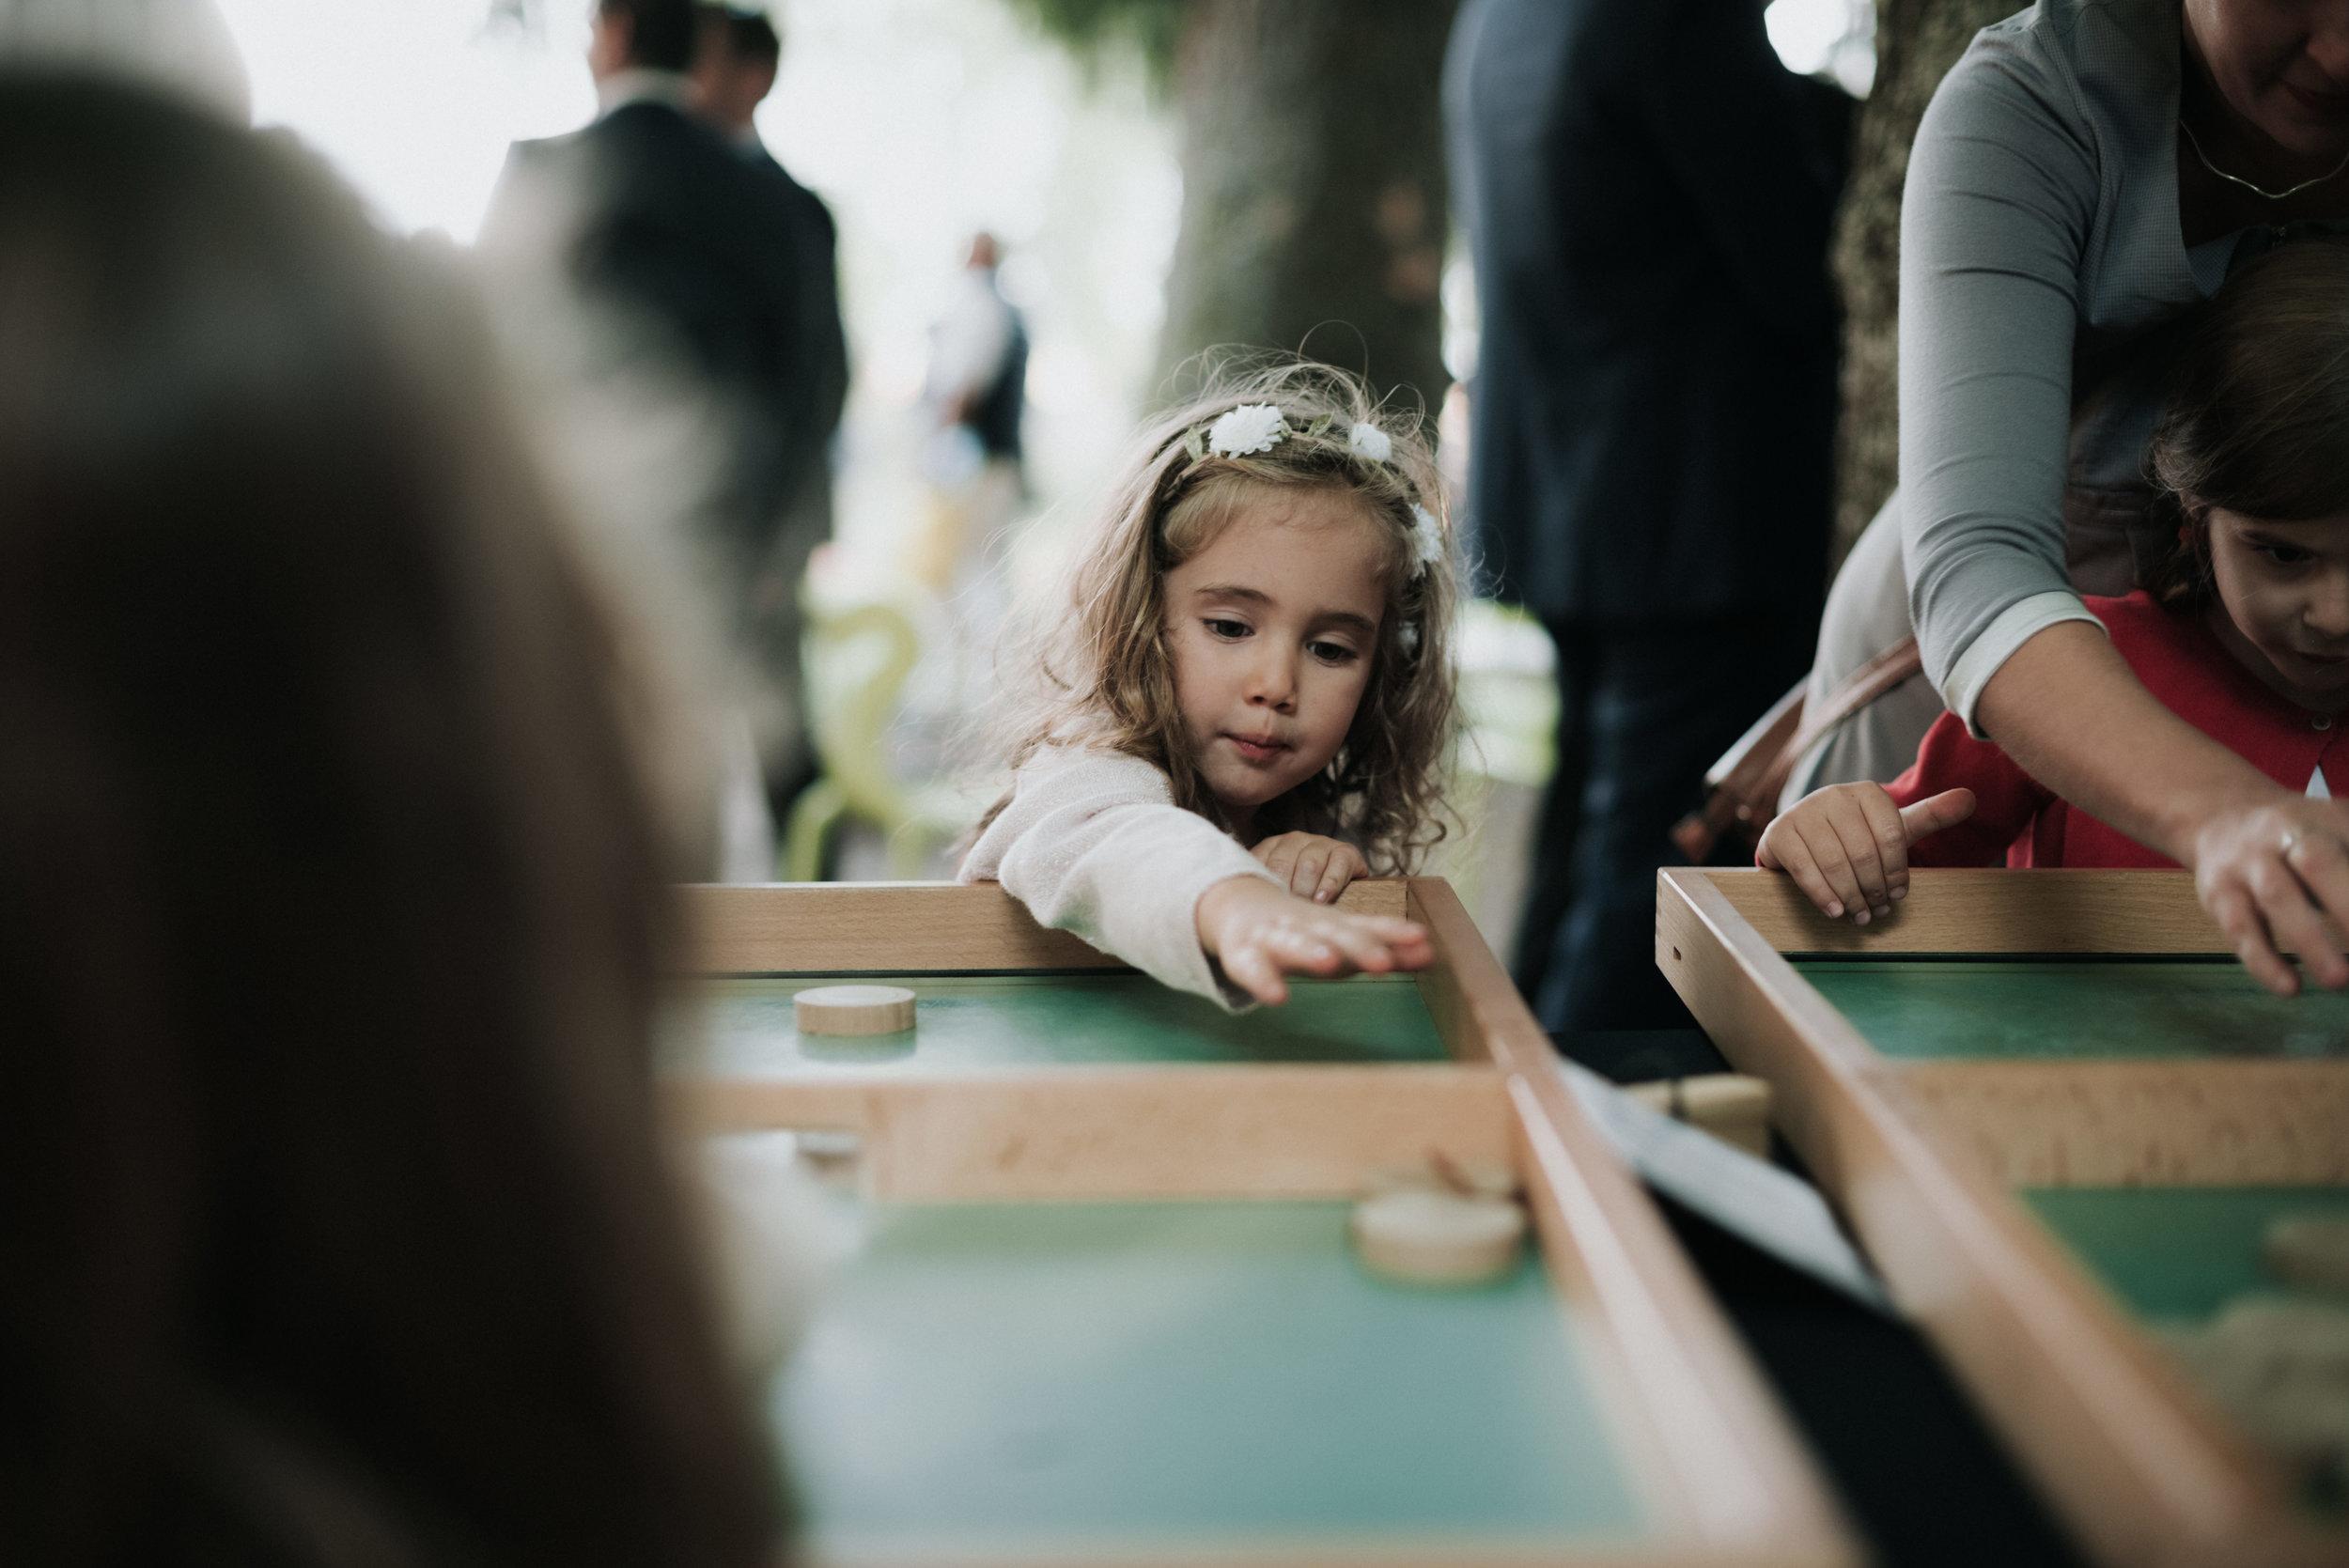 Léa-Fery-photographe-professionnel-lyon-rhone-alpes-portrait-creation-mariage-evenement-evenementiel-famille-9209.jpg